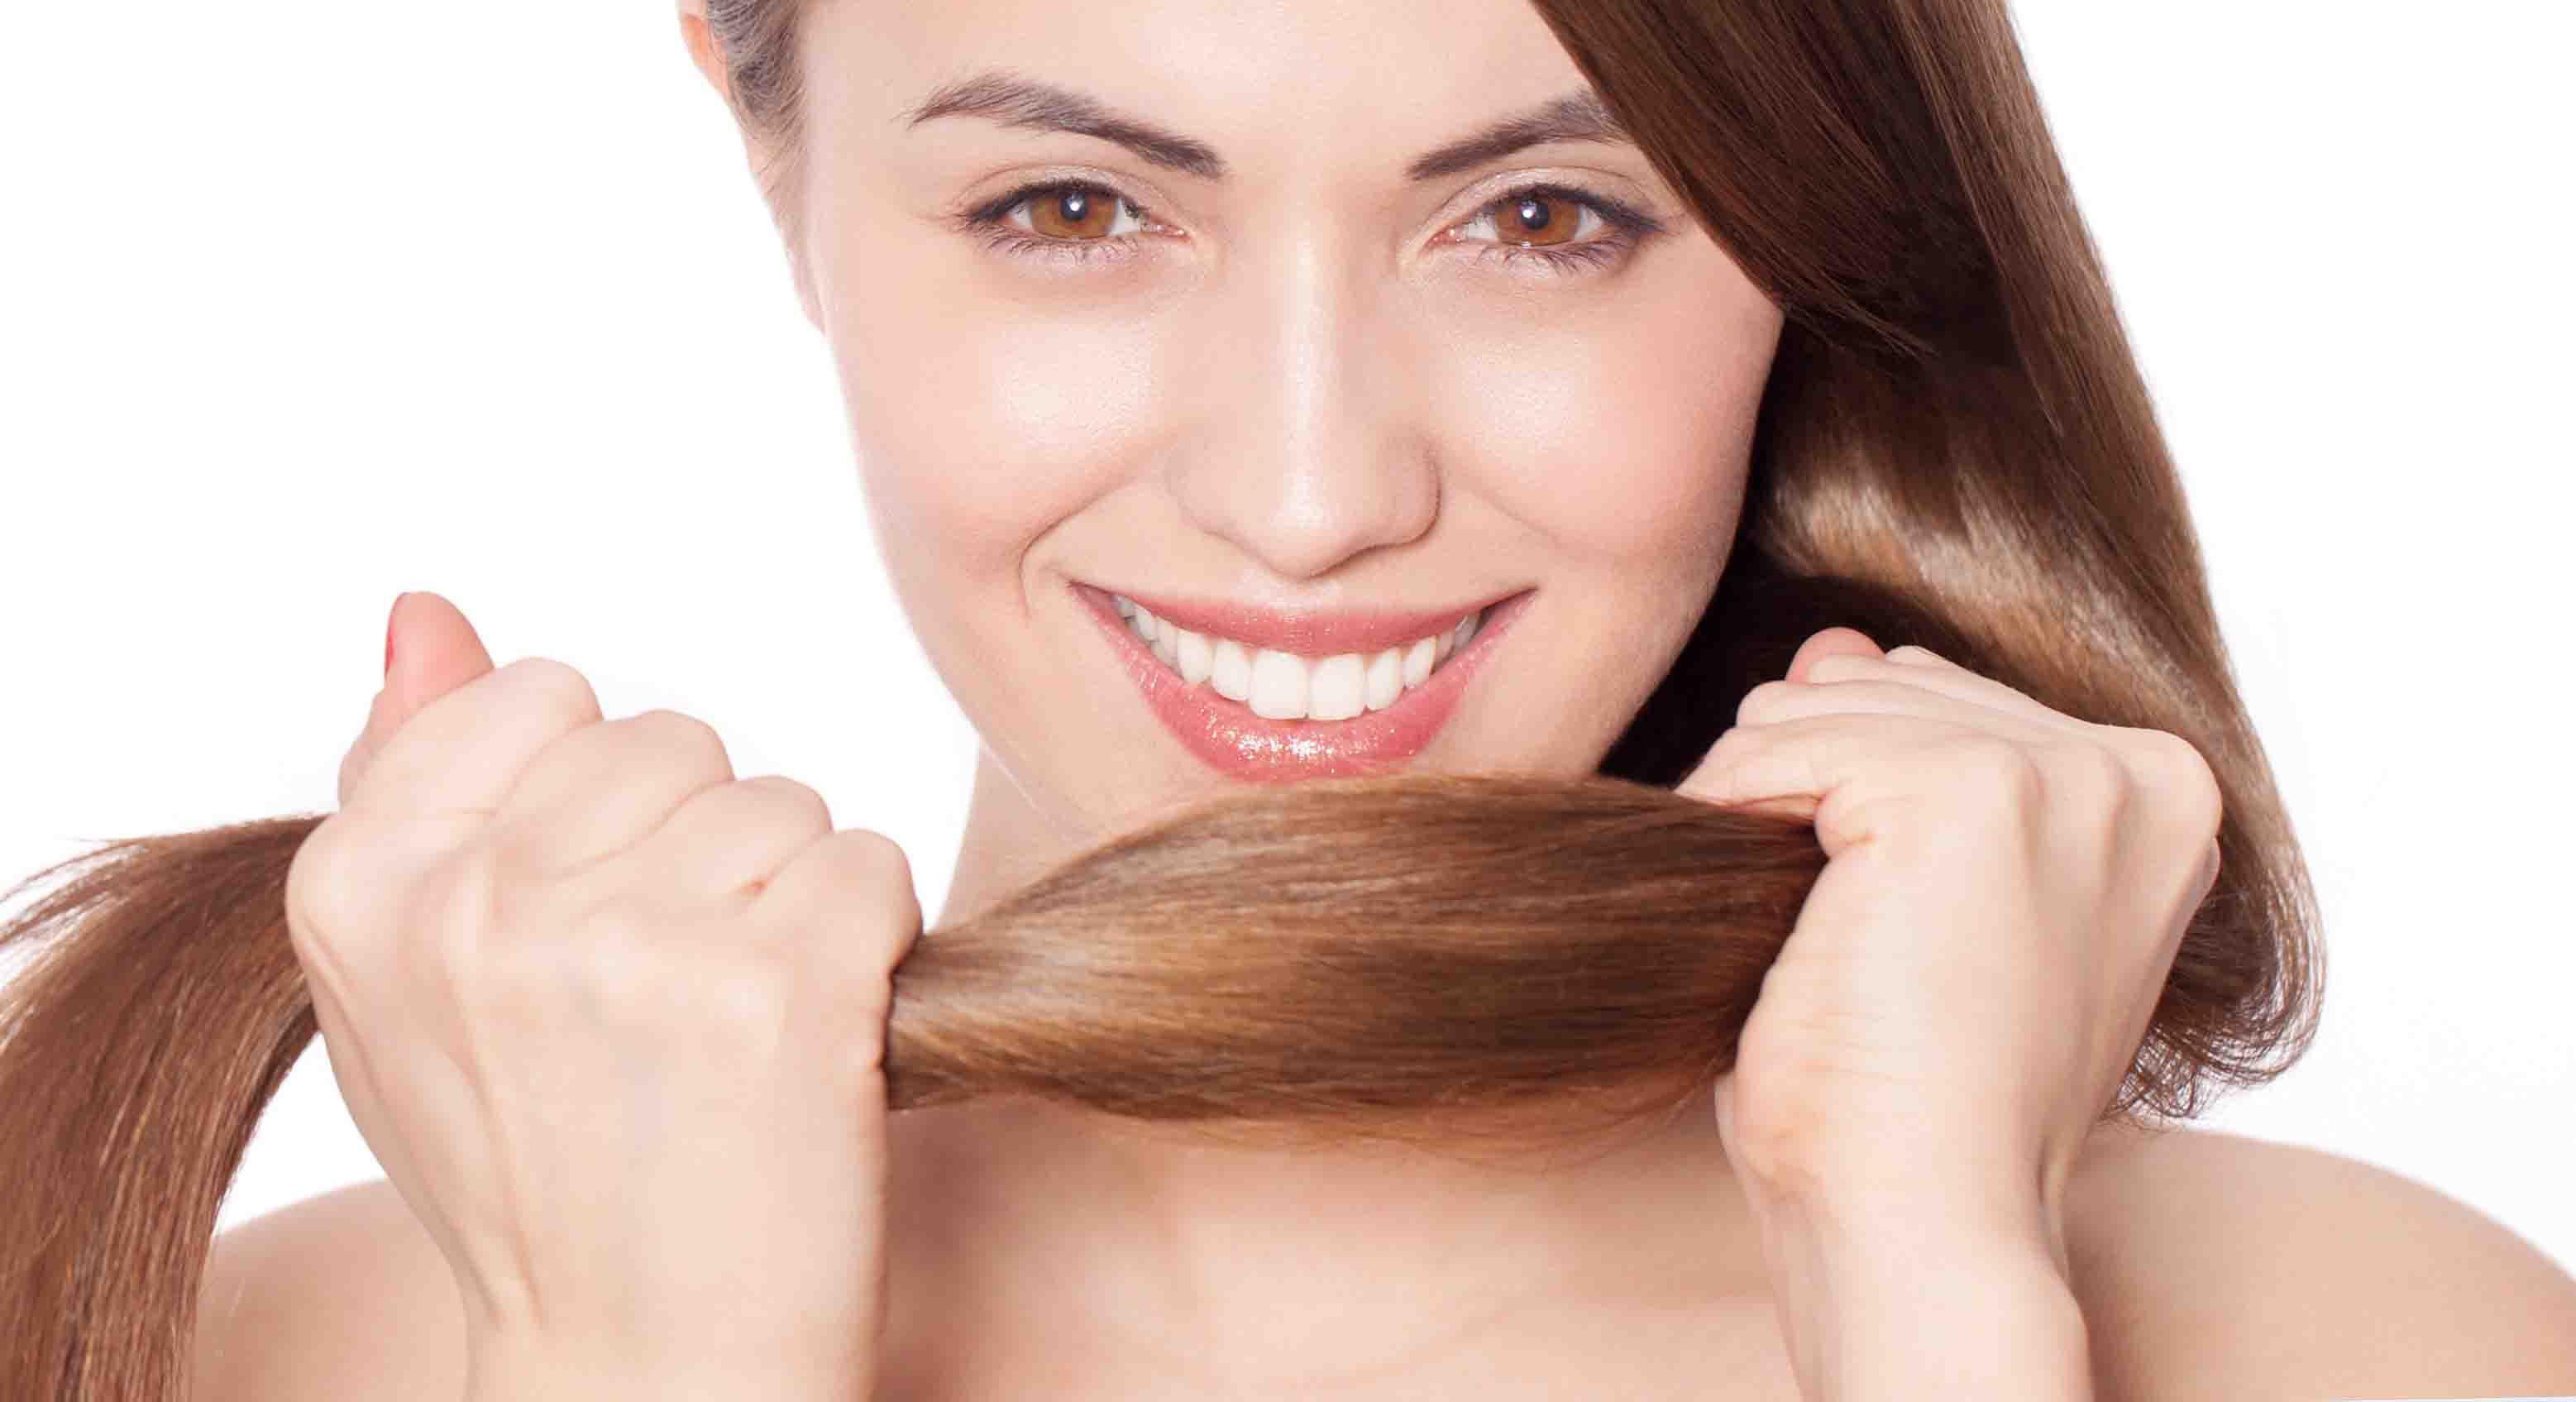 ¿Qué necesita mi pelo para crecer fuerte y sano?